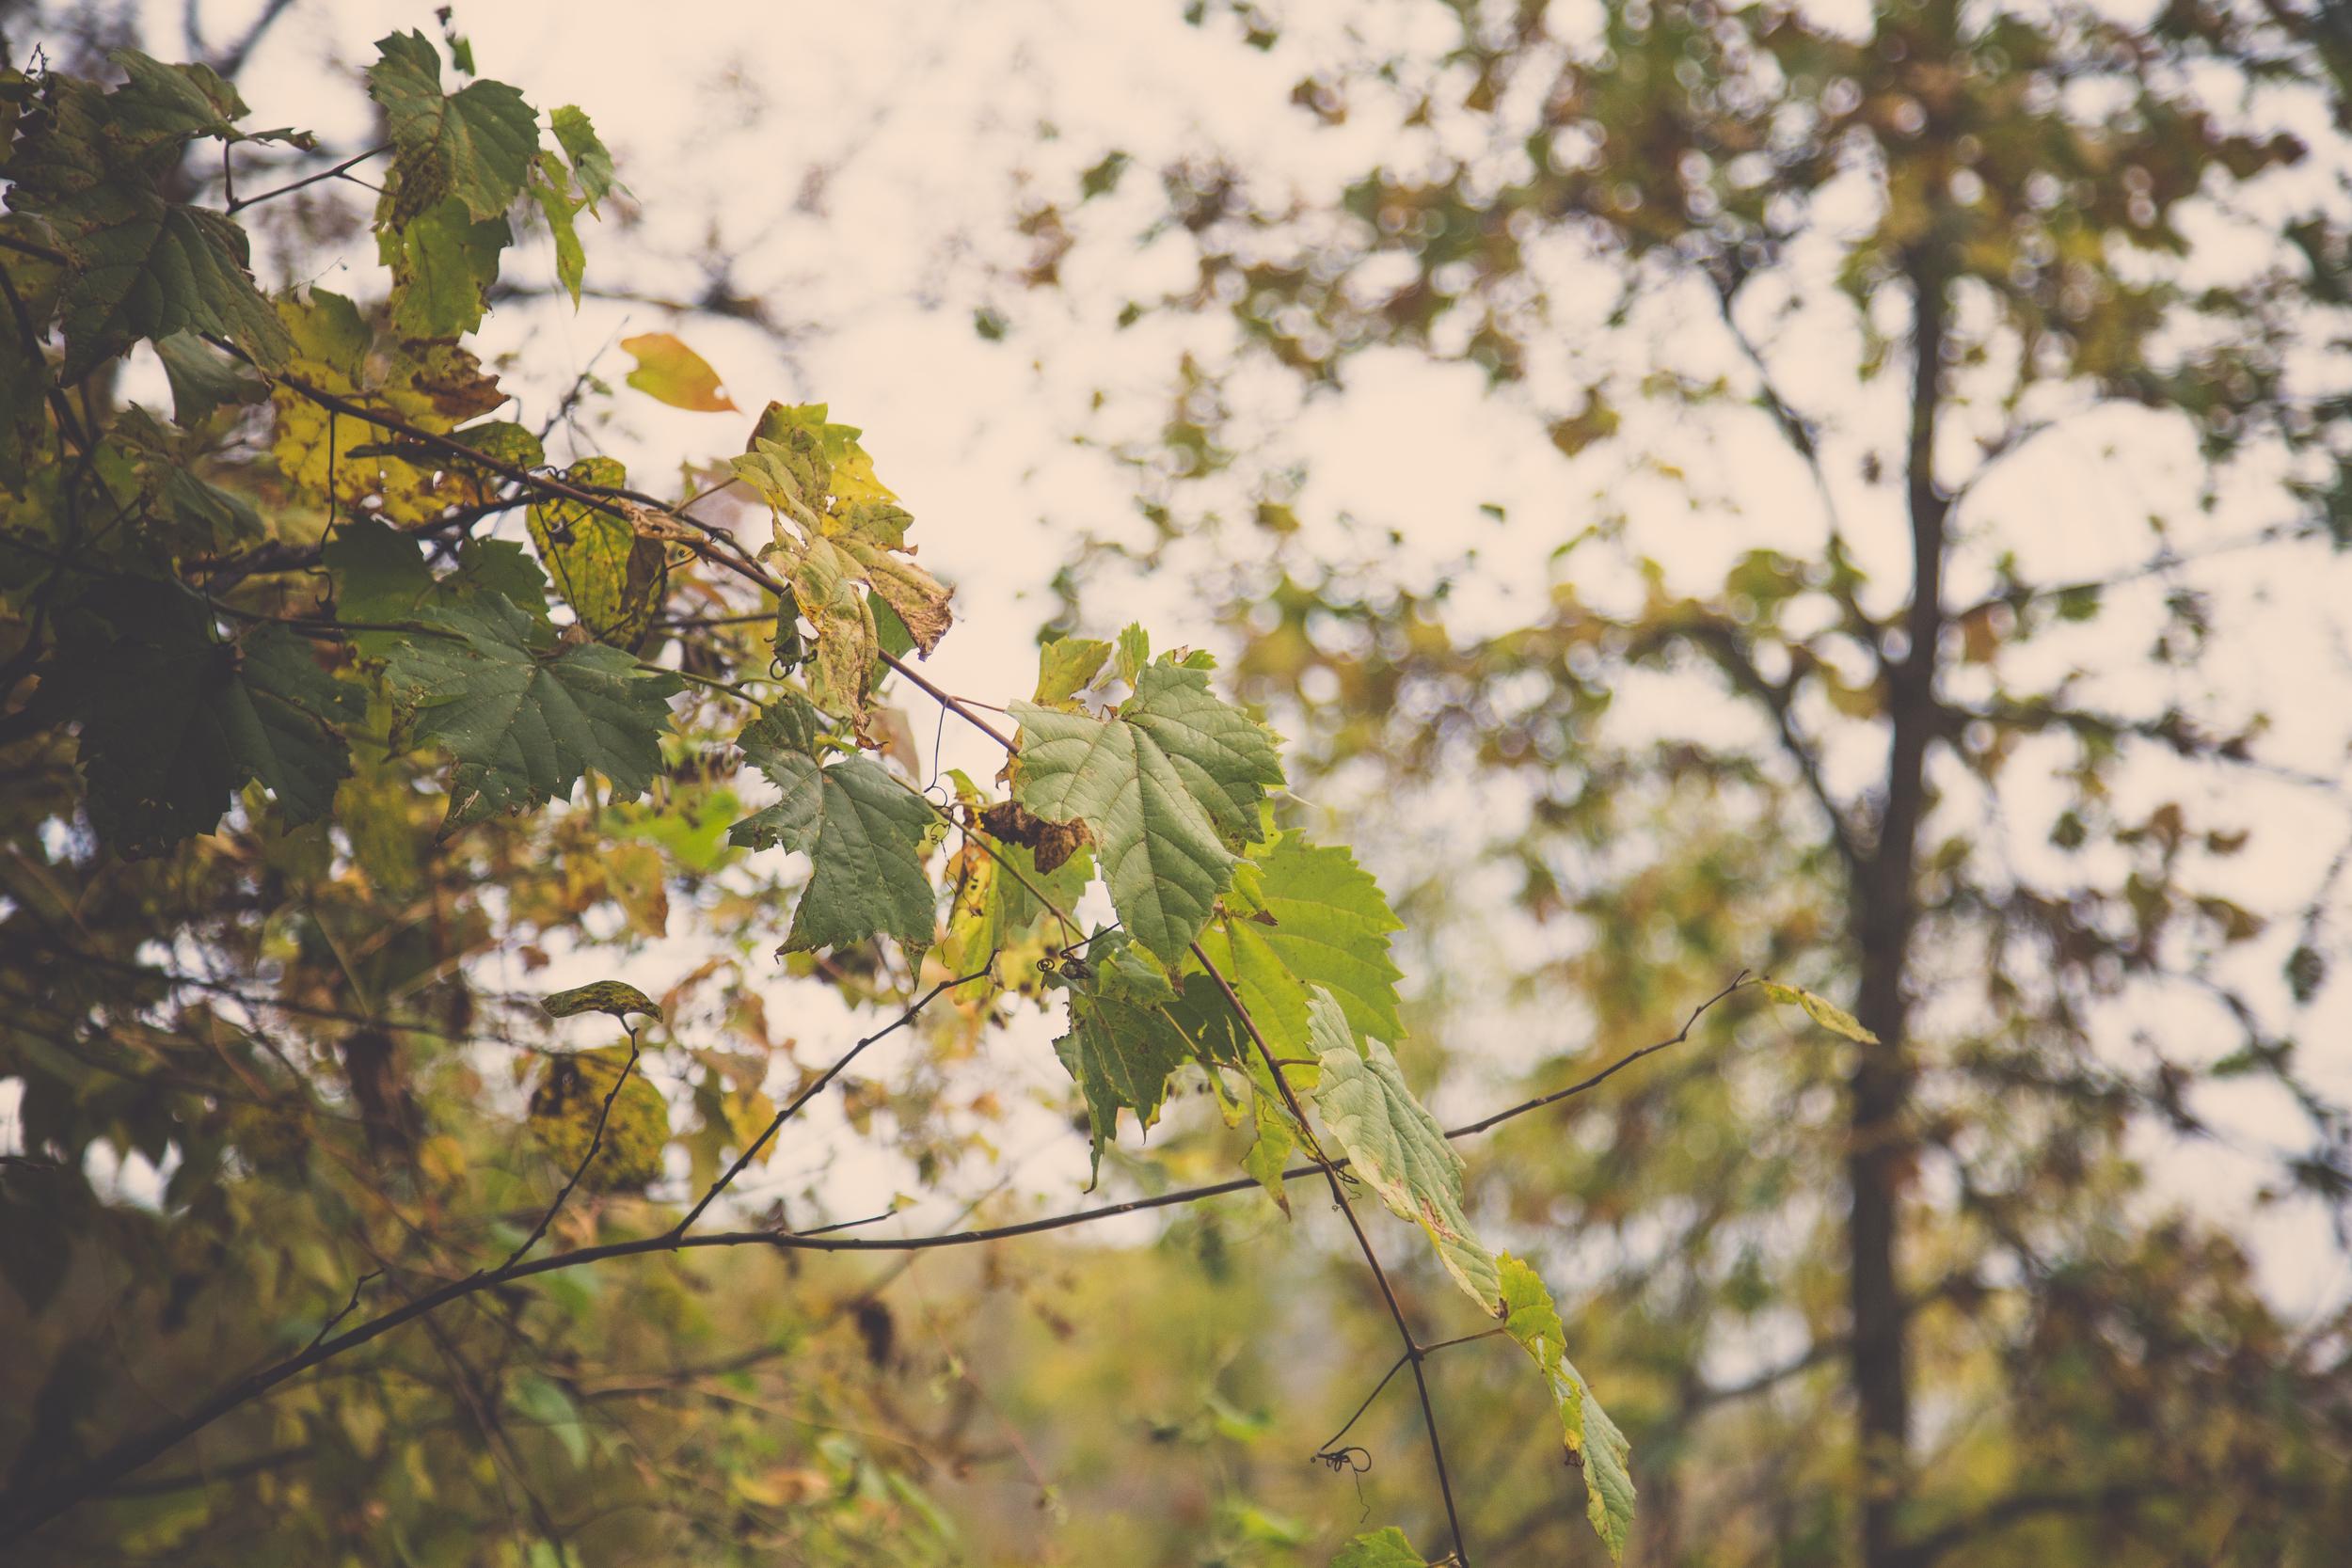 286 // 365 Gloomy fall day